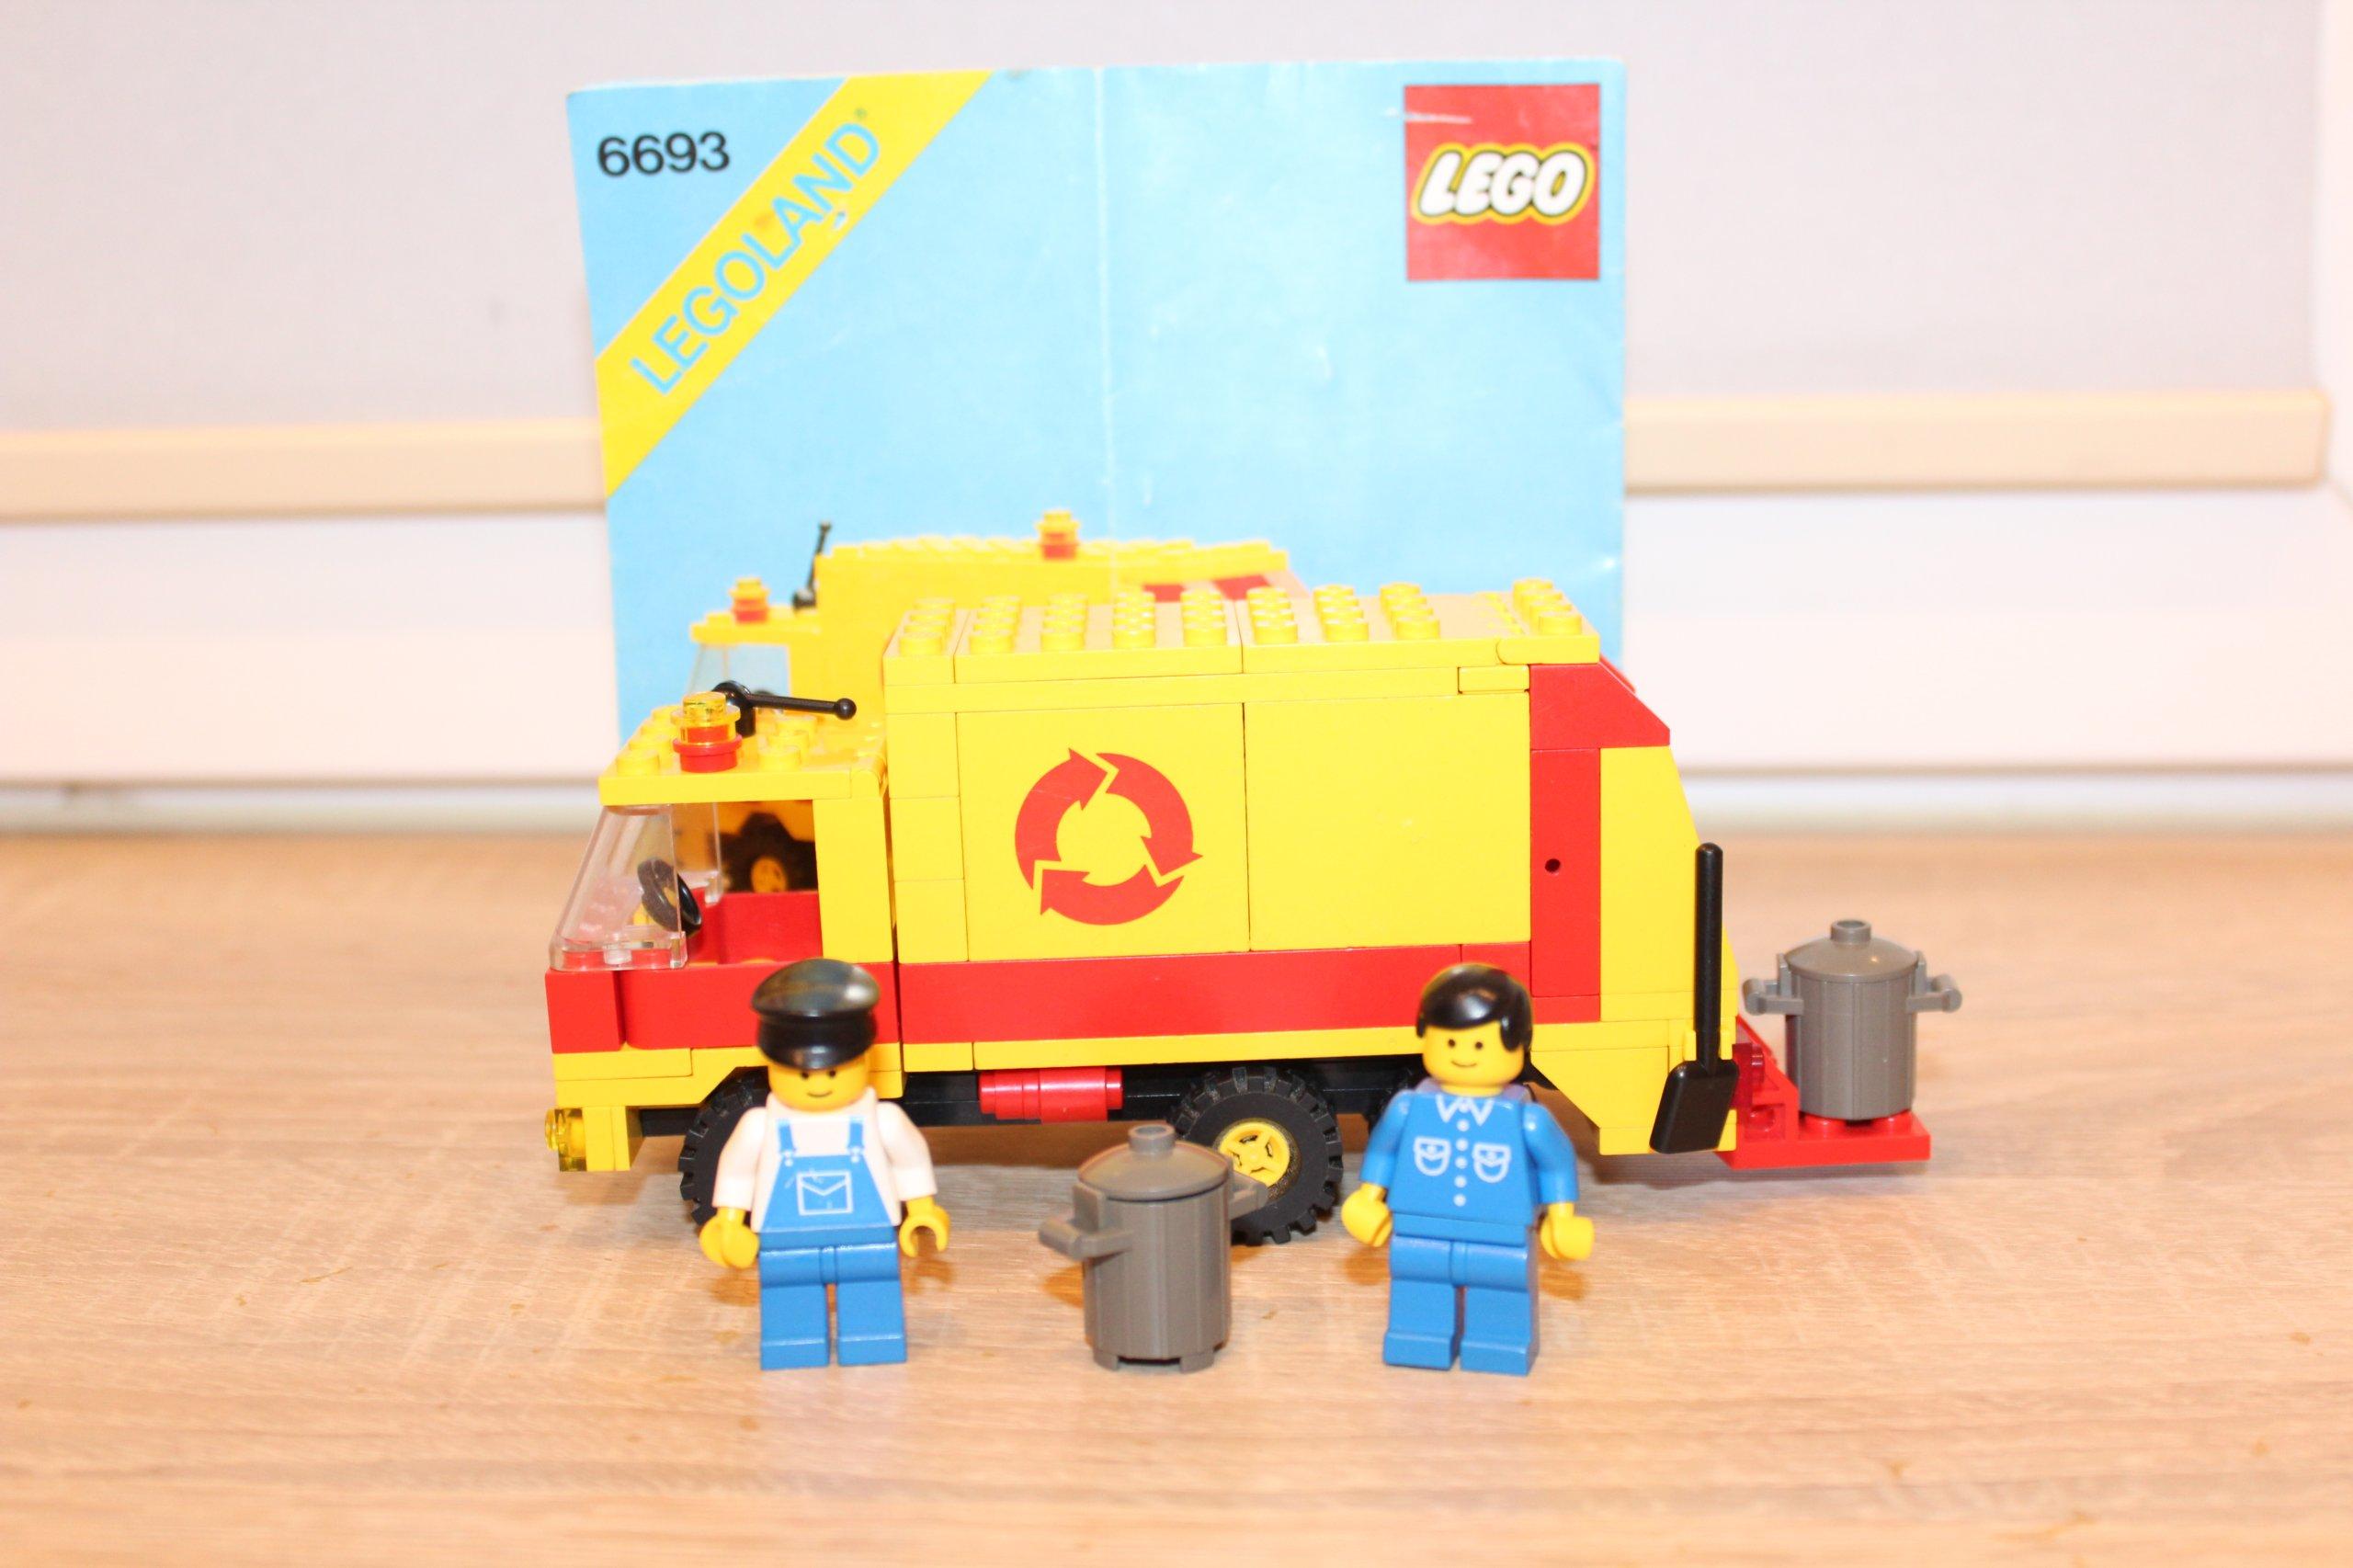 Lego Zestaw City Town śmieciarka 6693 Instrukcja 7257254141